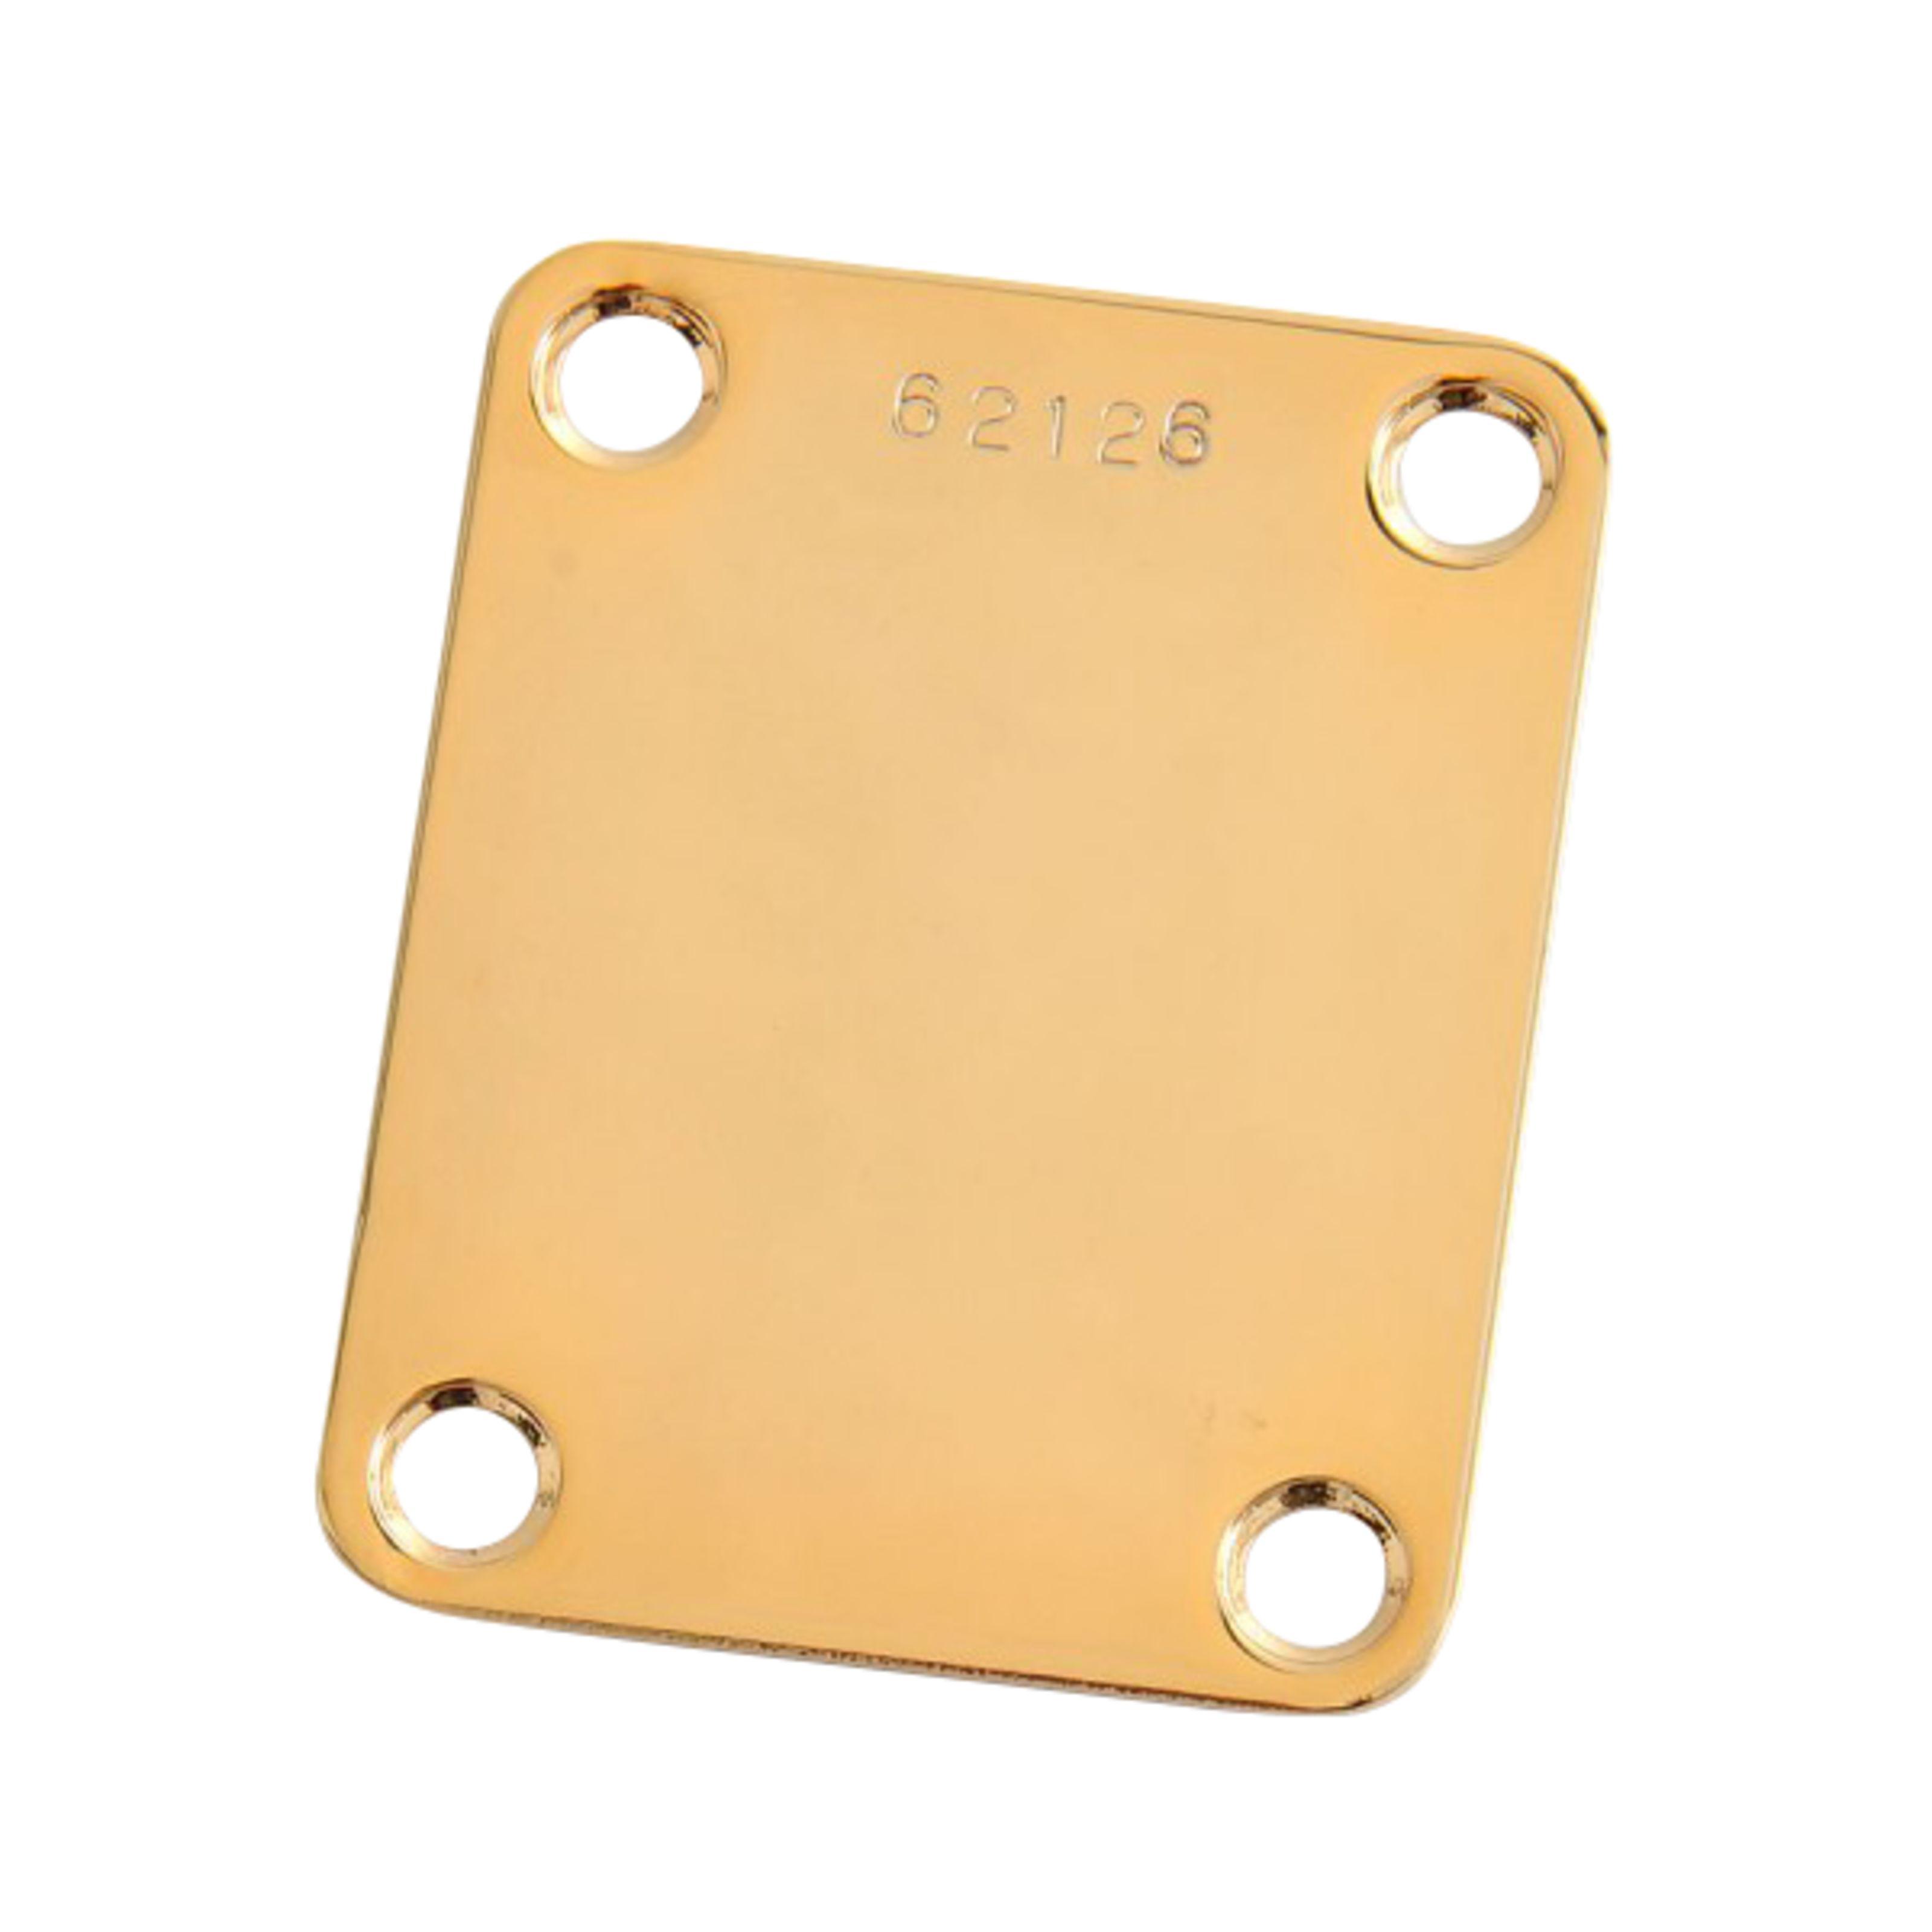 Göldo - Halsplatte Gold, mit Seriennummer NPSRG